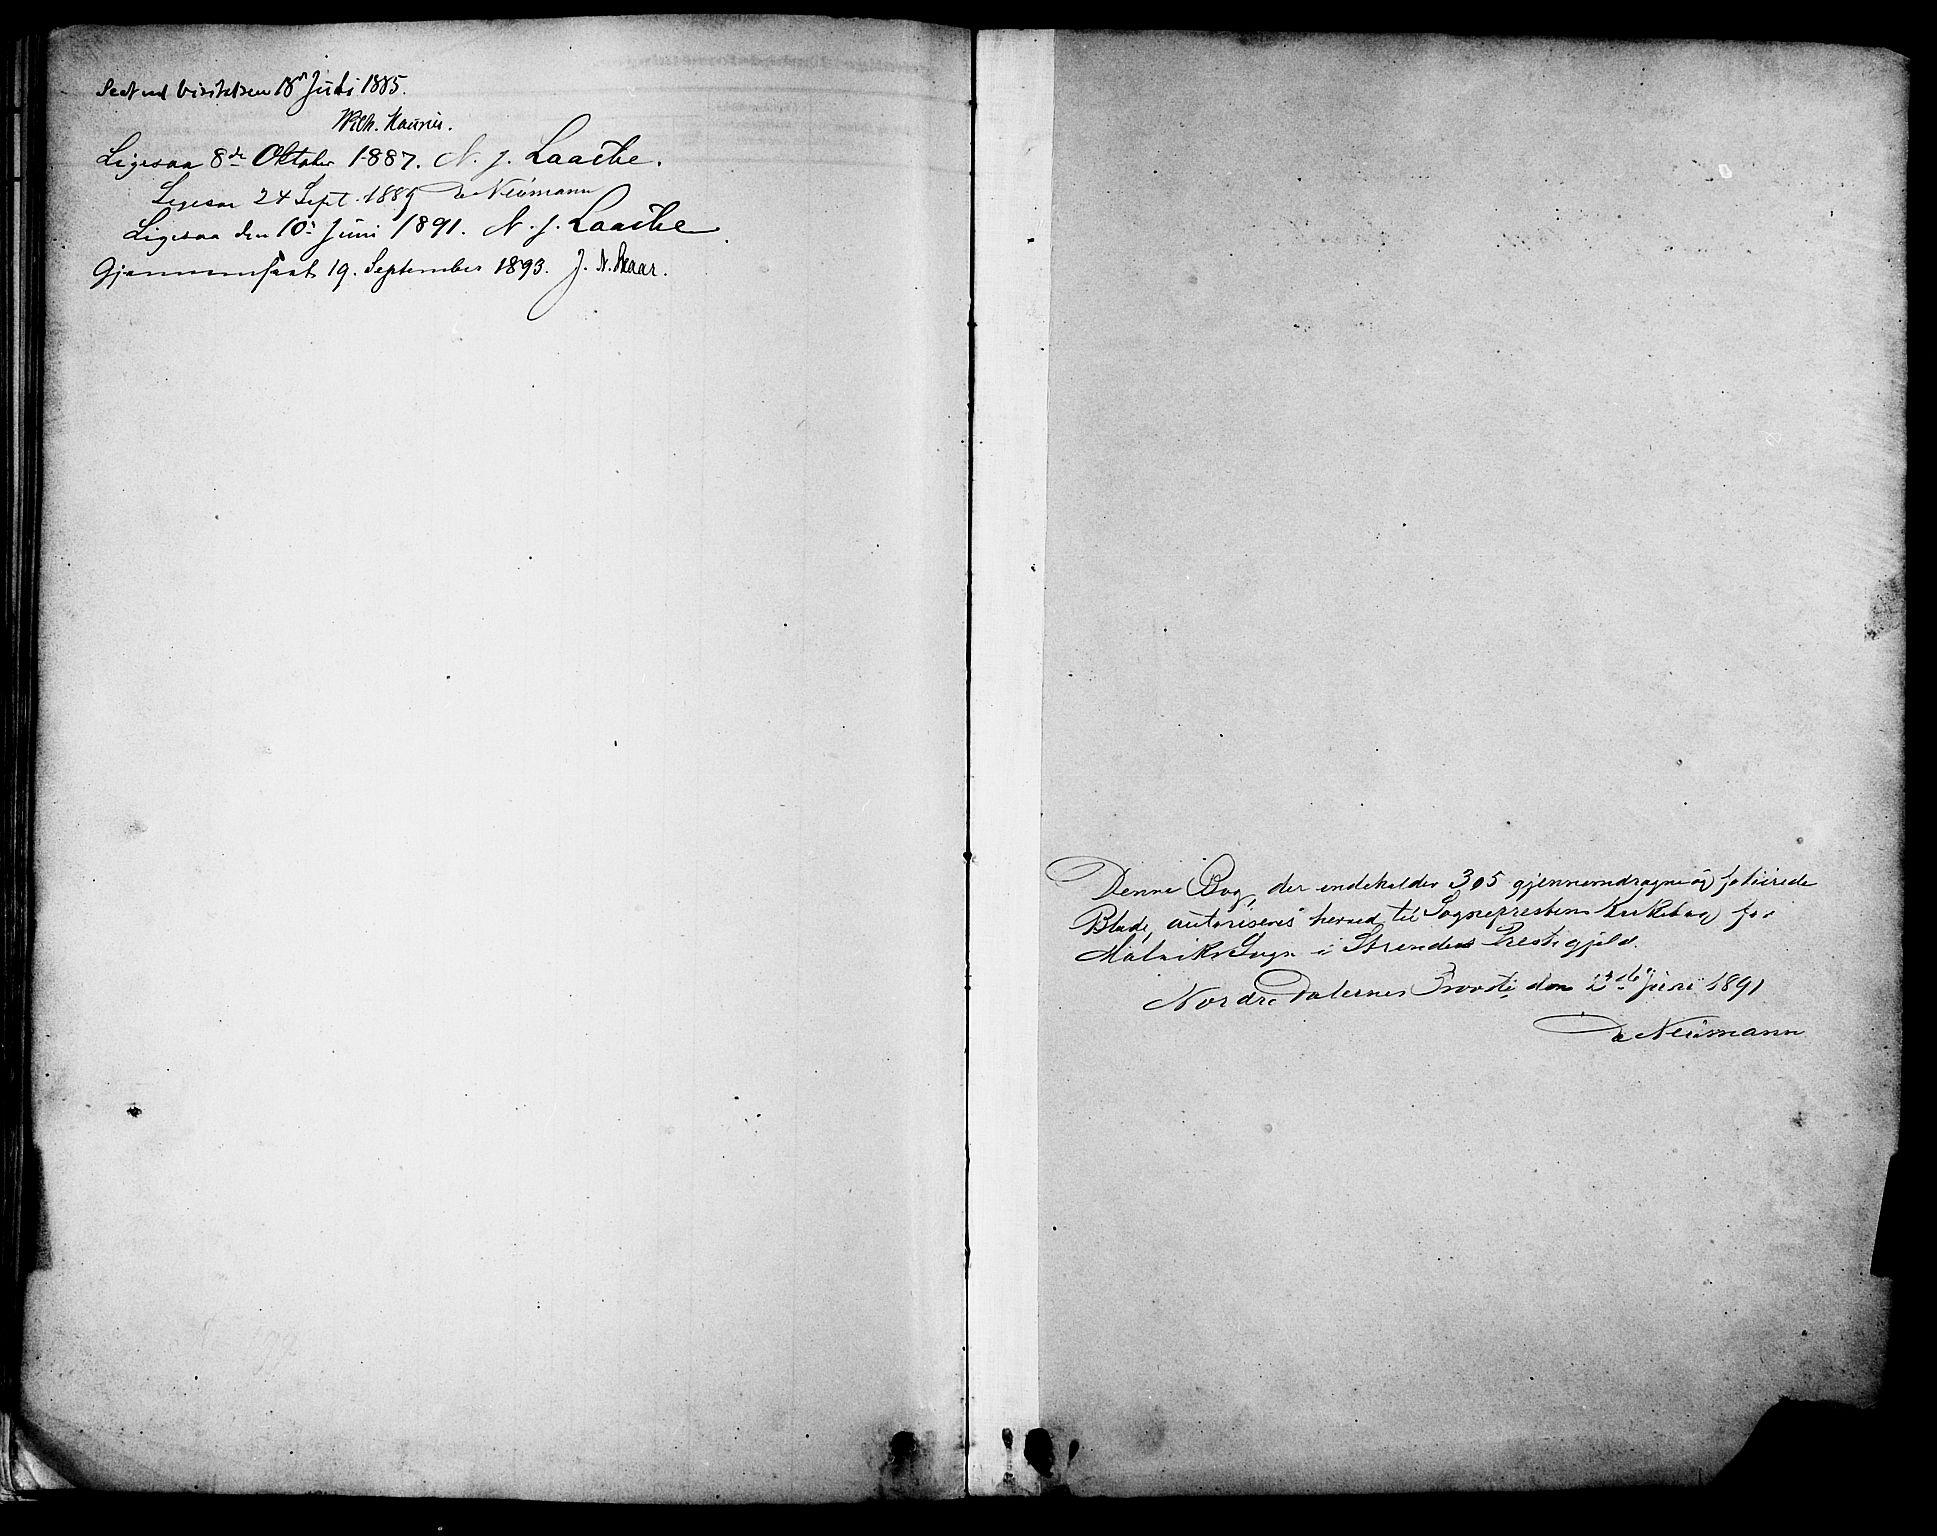 SAT, Ministerialprotokoller, klokkerbøker og fødselsregistre - Sør-Trøndelag, 616/L0410: Ministerialbok nr. 616A07, 1878-1893